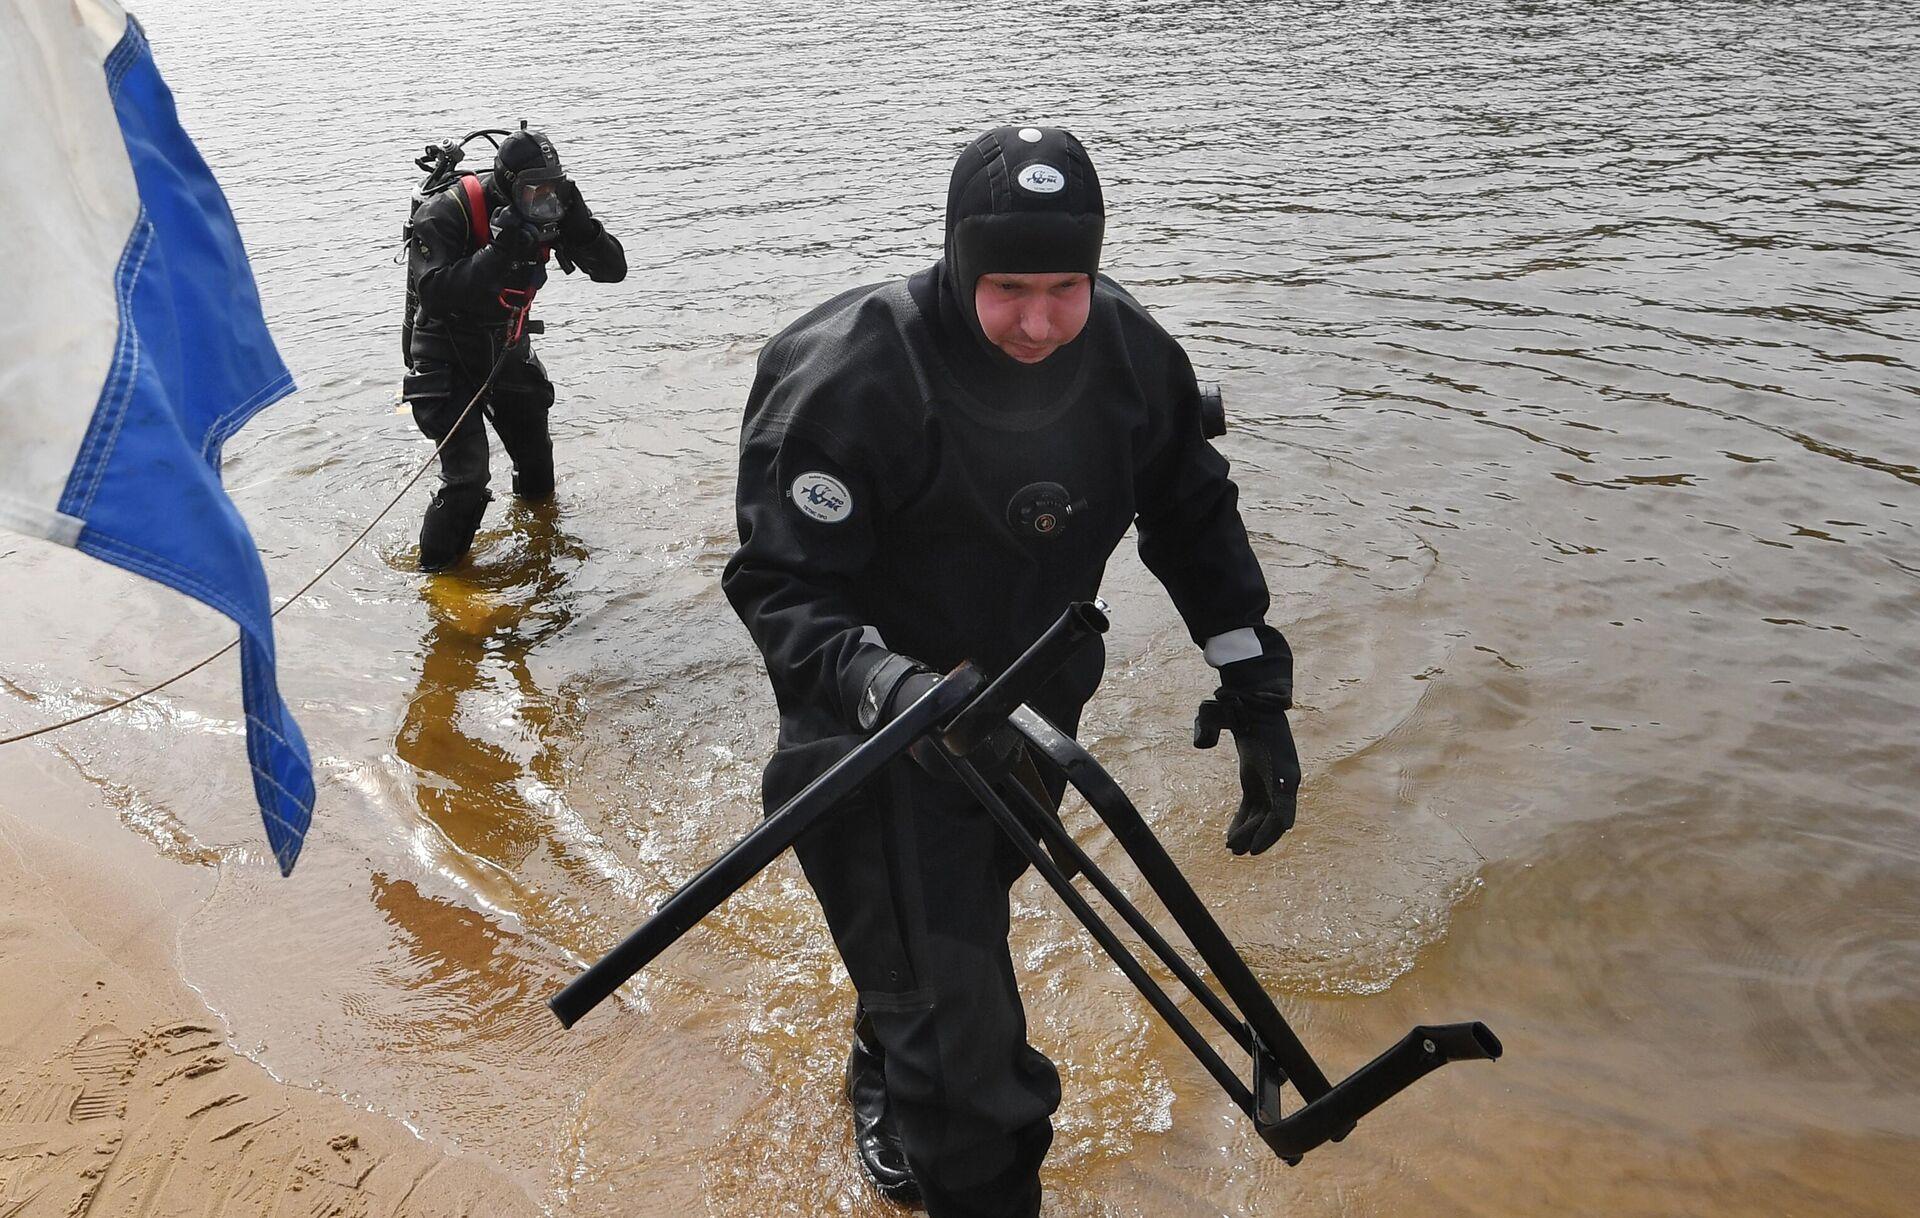 Водолазное обследование пляжа в Серебряном Бору - РИА Новости, 1920, 12.05.2021